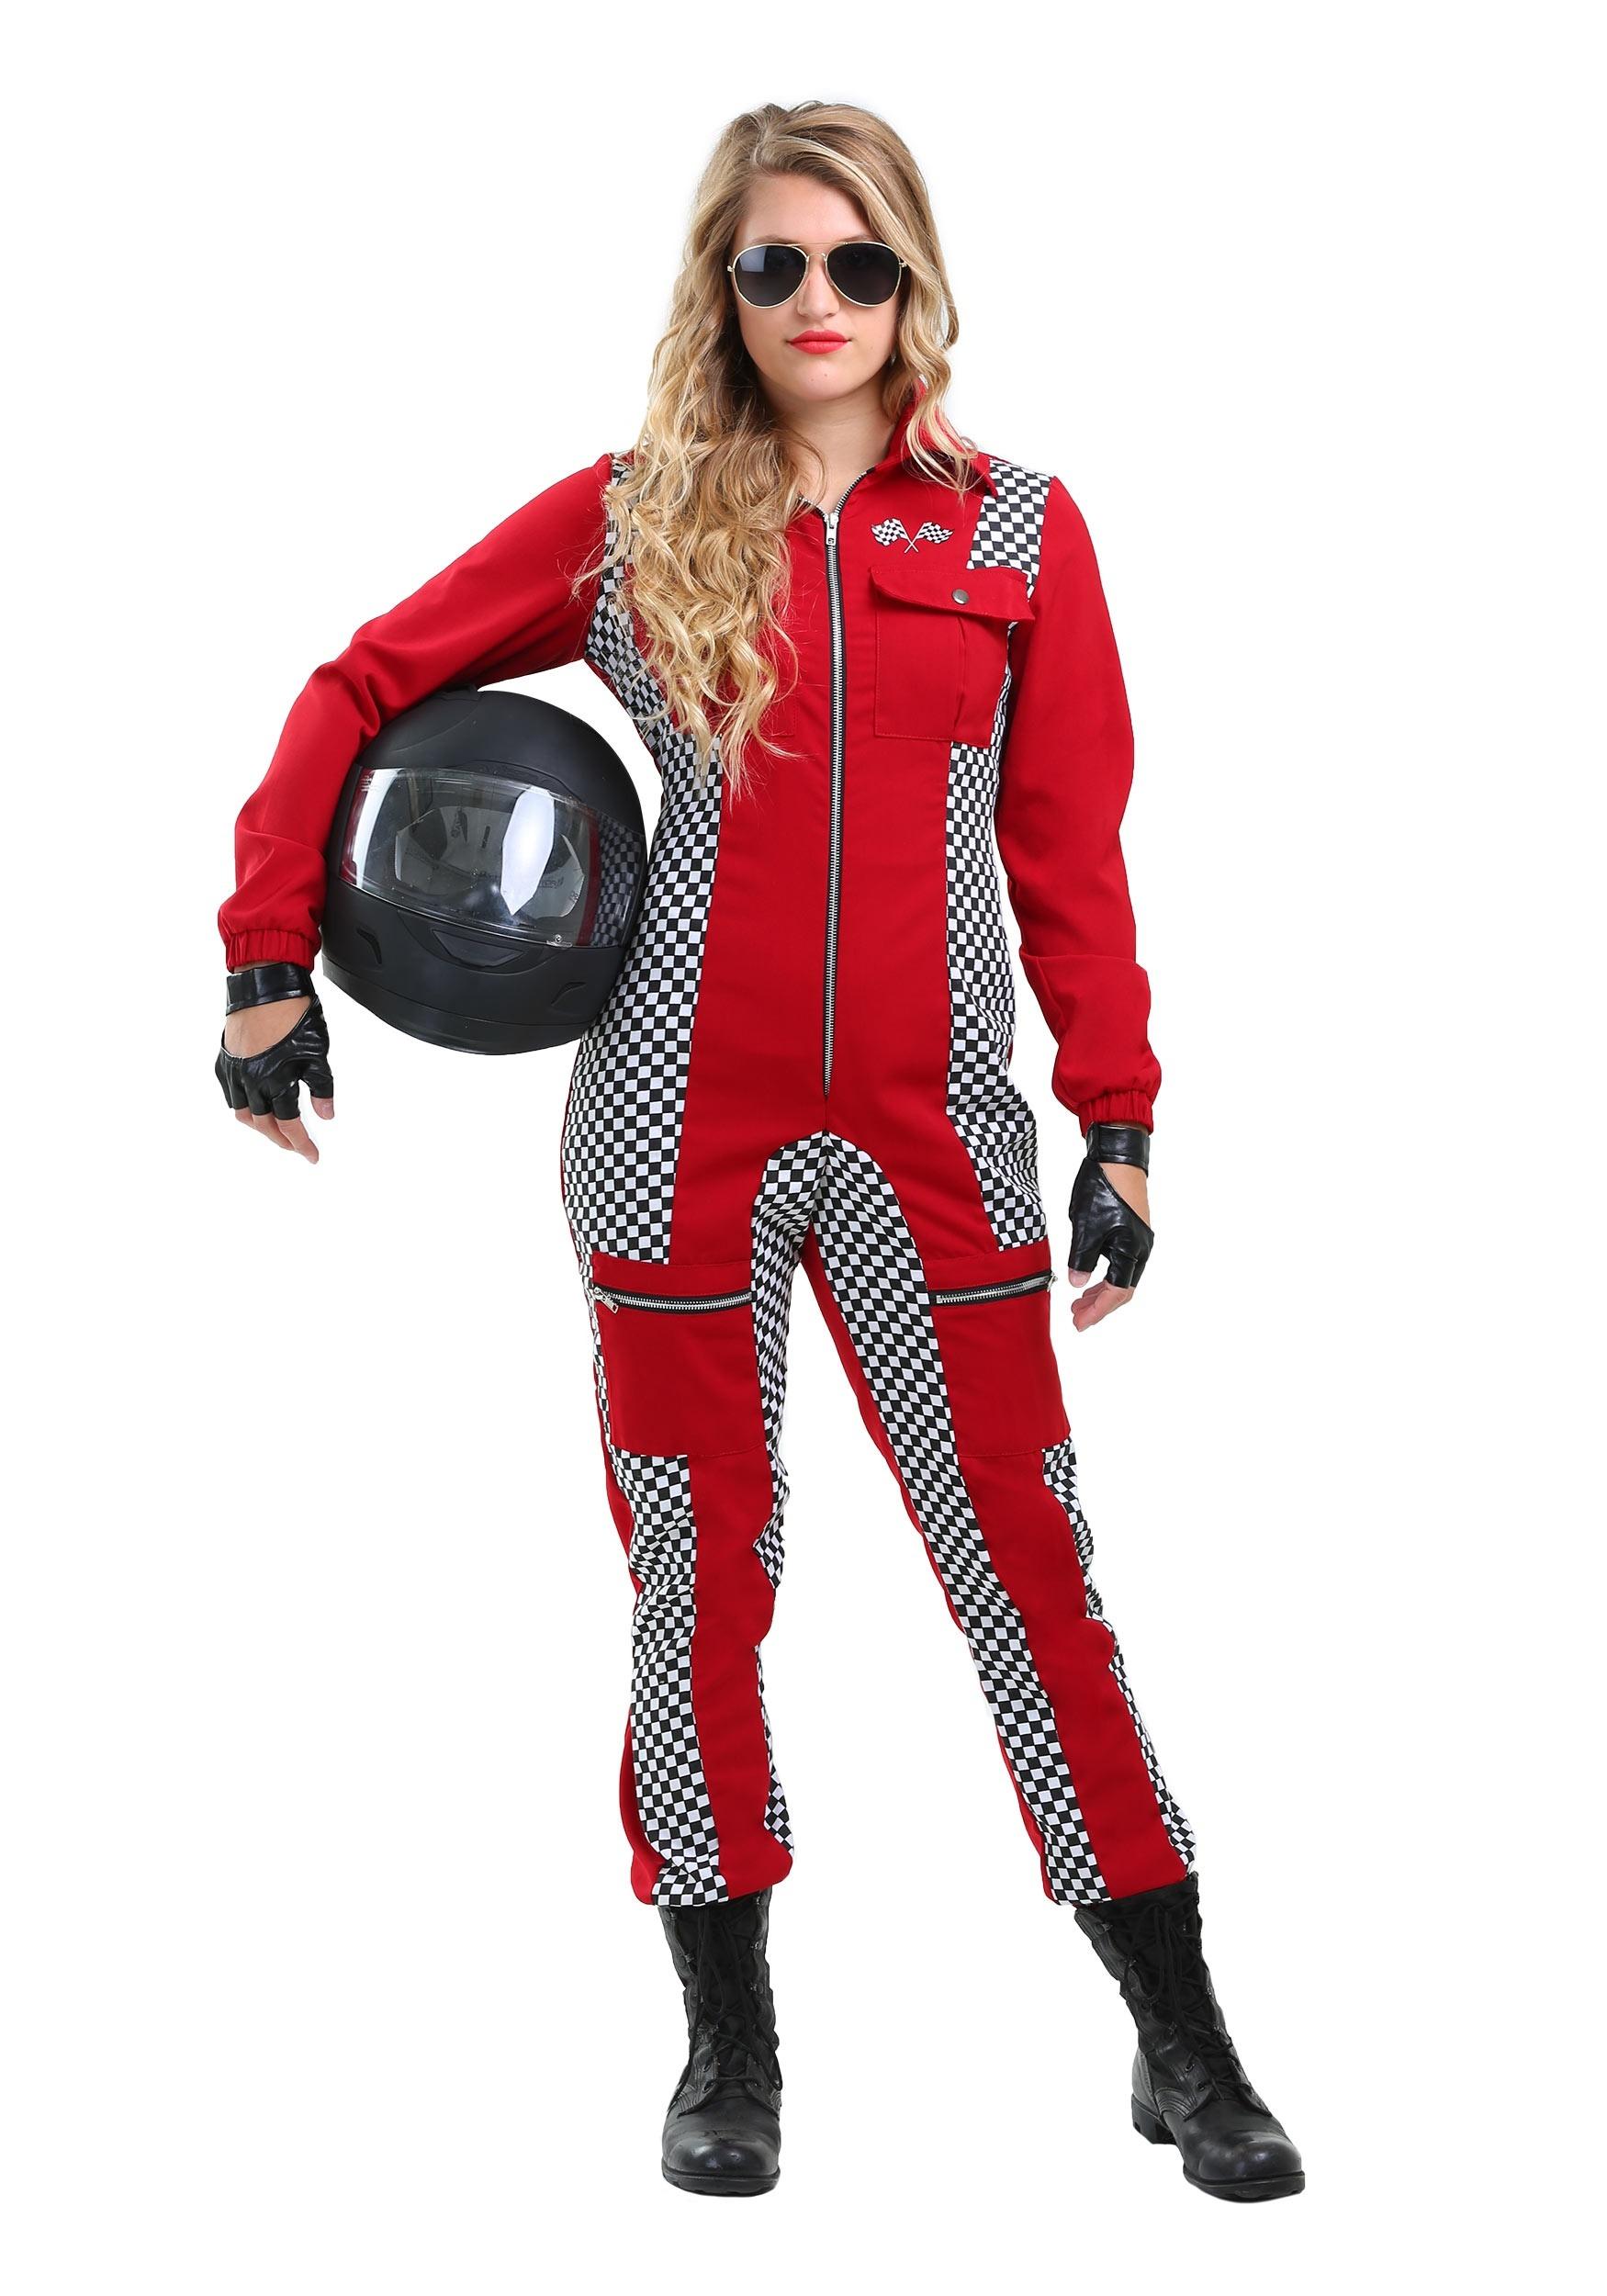 Racer Jumpsuit Plus Size Costume for Women